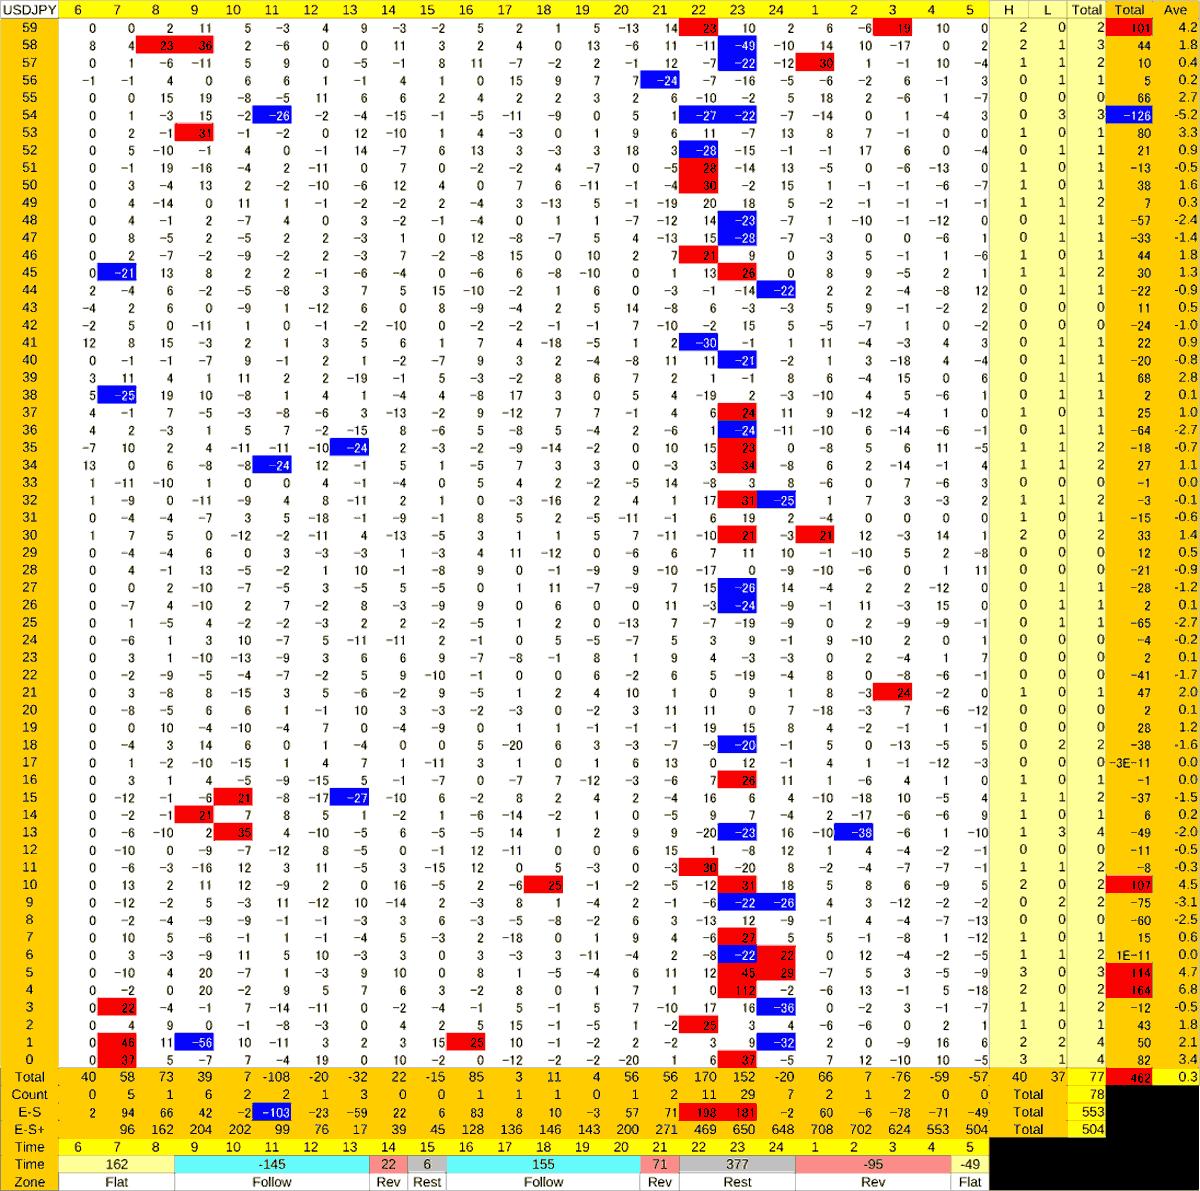 20200629_HS(1)USDJPY